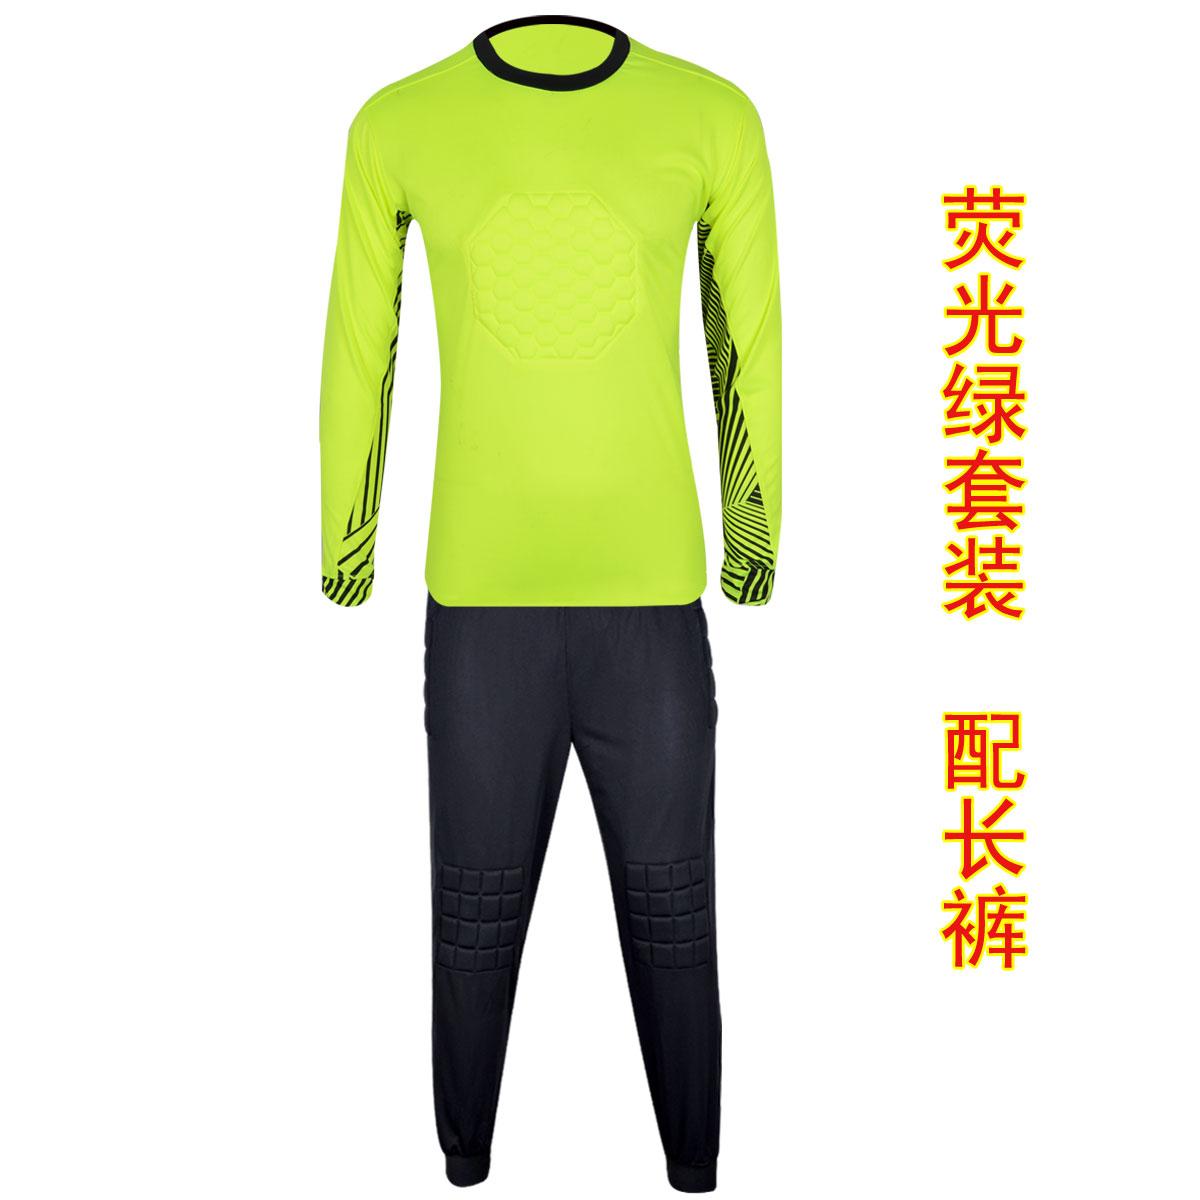 Цвет: Флуоресцентный зеленый костюм (длинная)